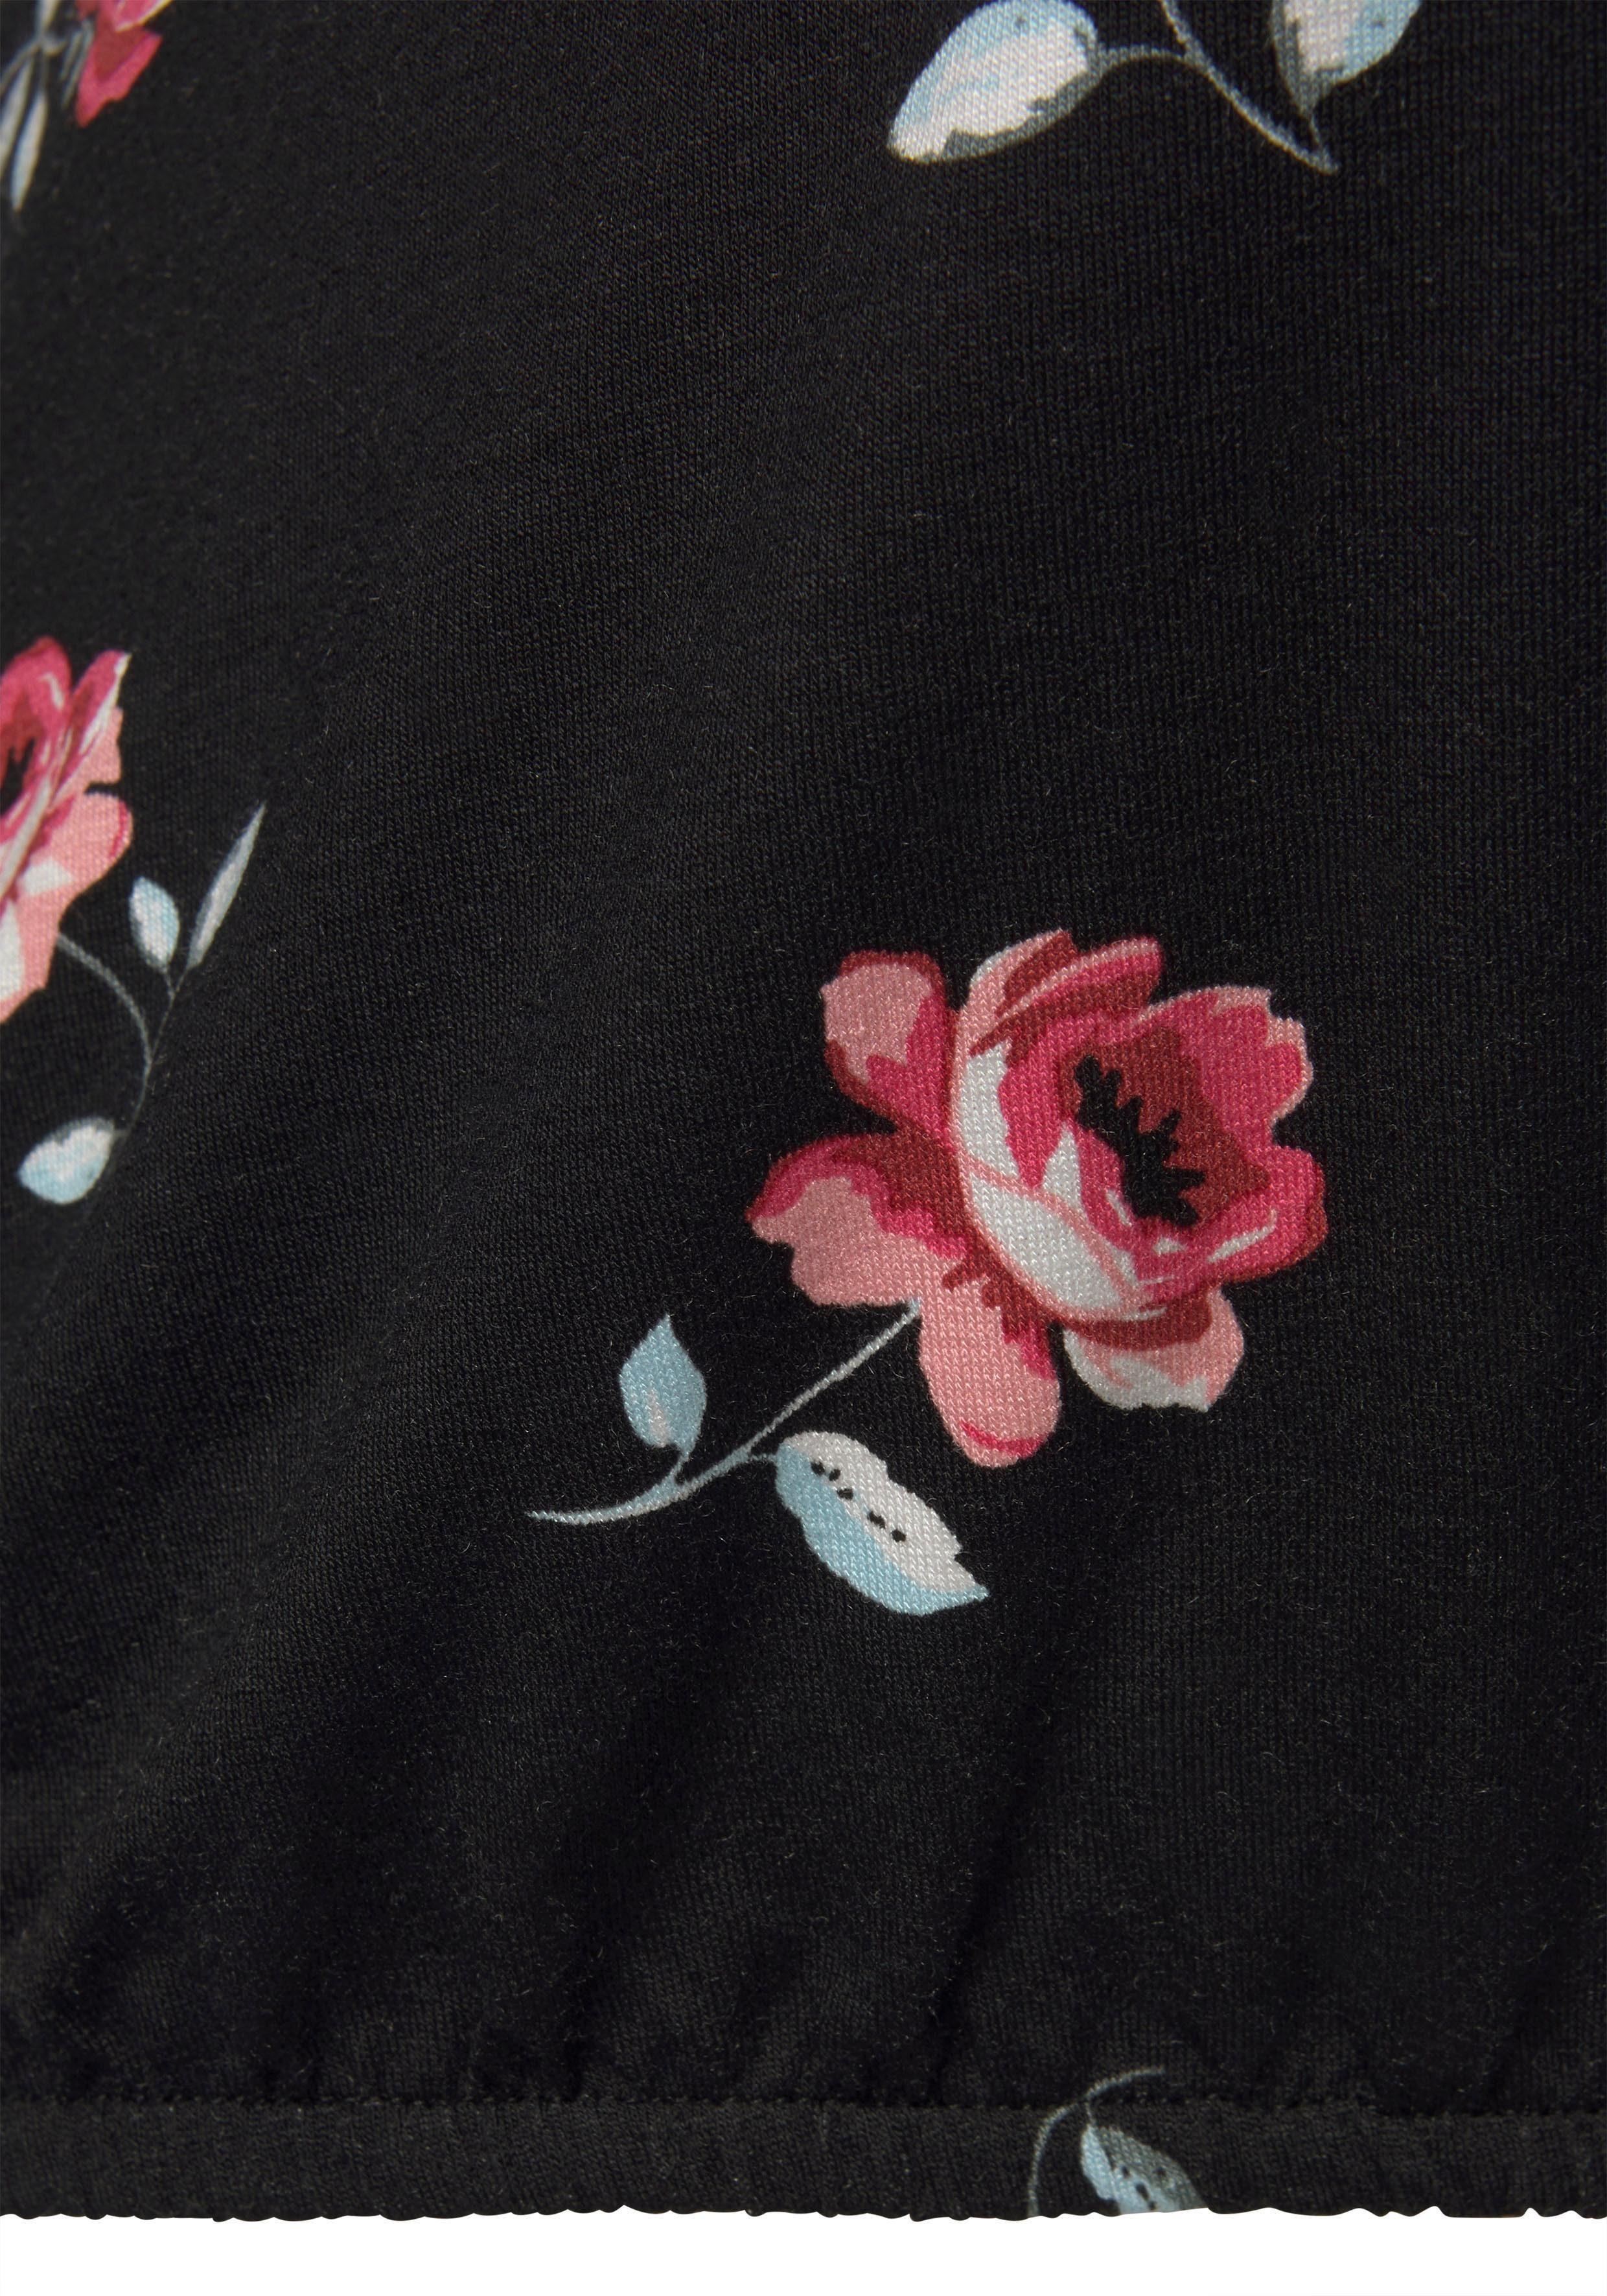 Kaufen Mit Monate Umstandsshirt Blumenmuster Neun c3LqAjR54